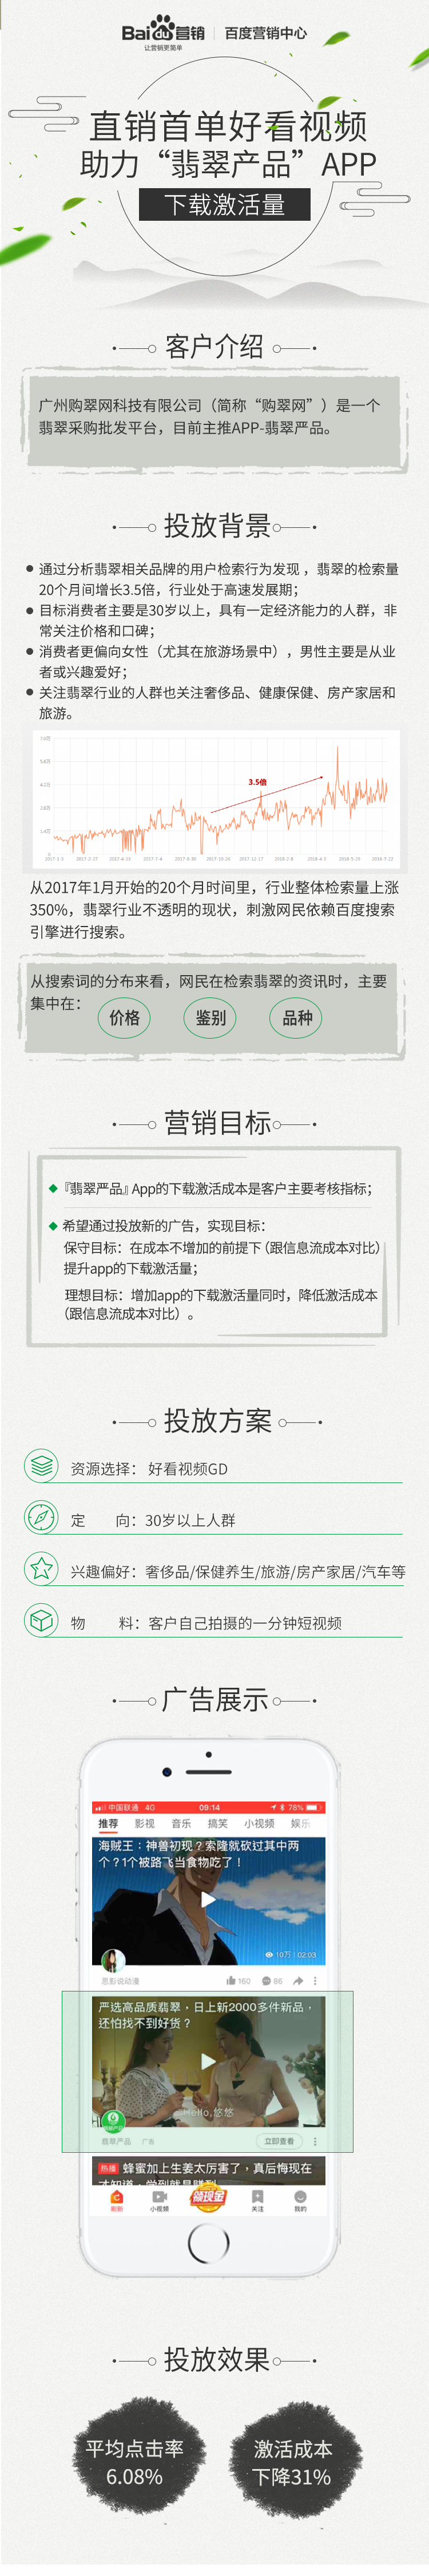 翠购网+长图.png